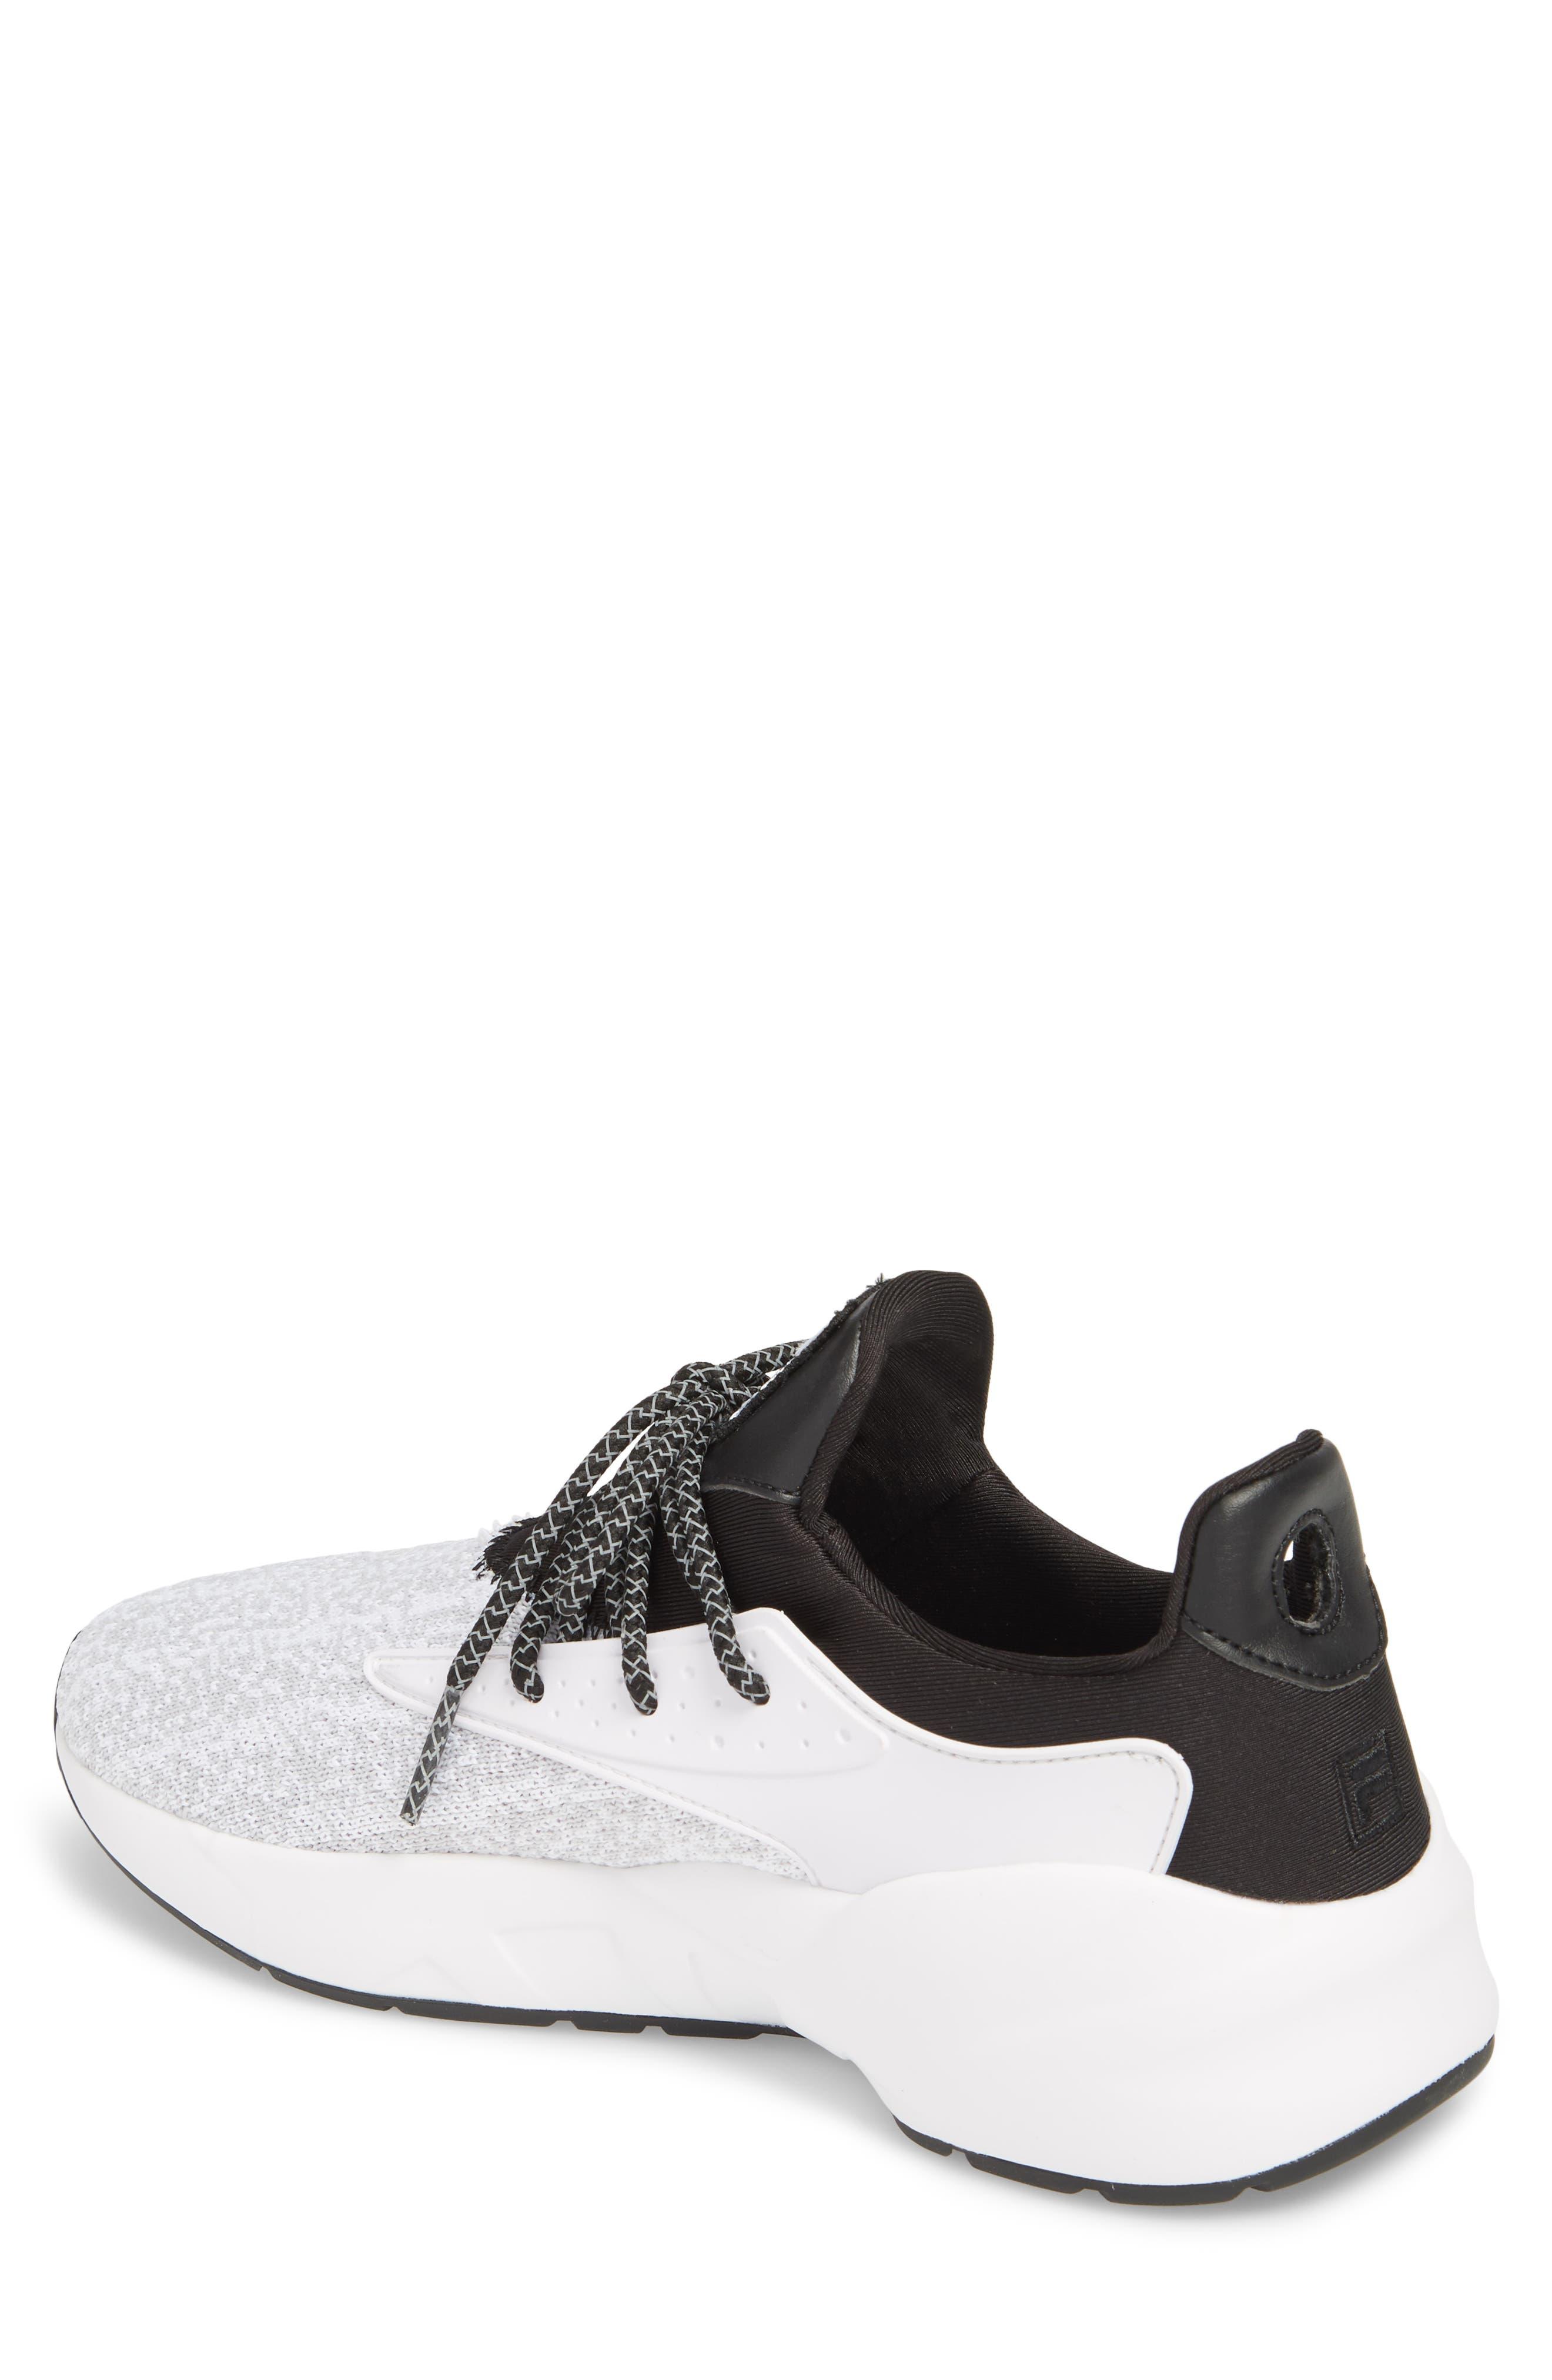 Mindbreaker 2.0 Sneaker,                             Alternate thumbnail 2, color,                             BLACK/ WHITE/ RED